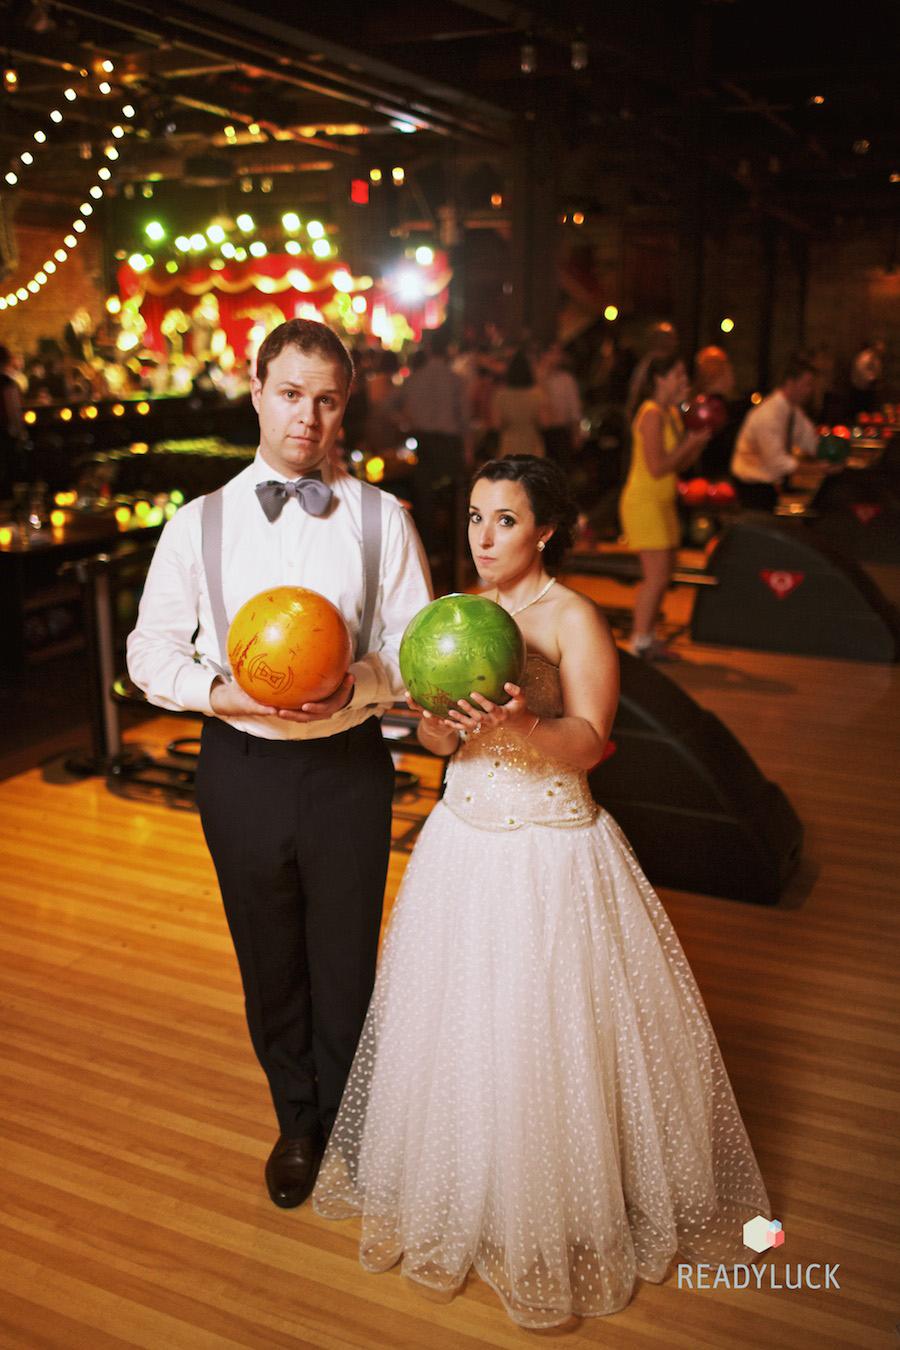 brooklyn-bowl-wedding-bride-groom-bowling